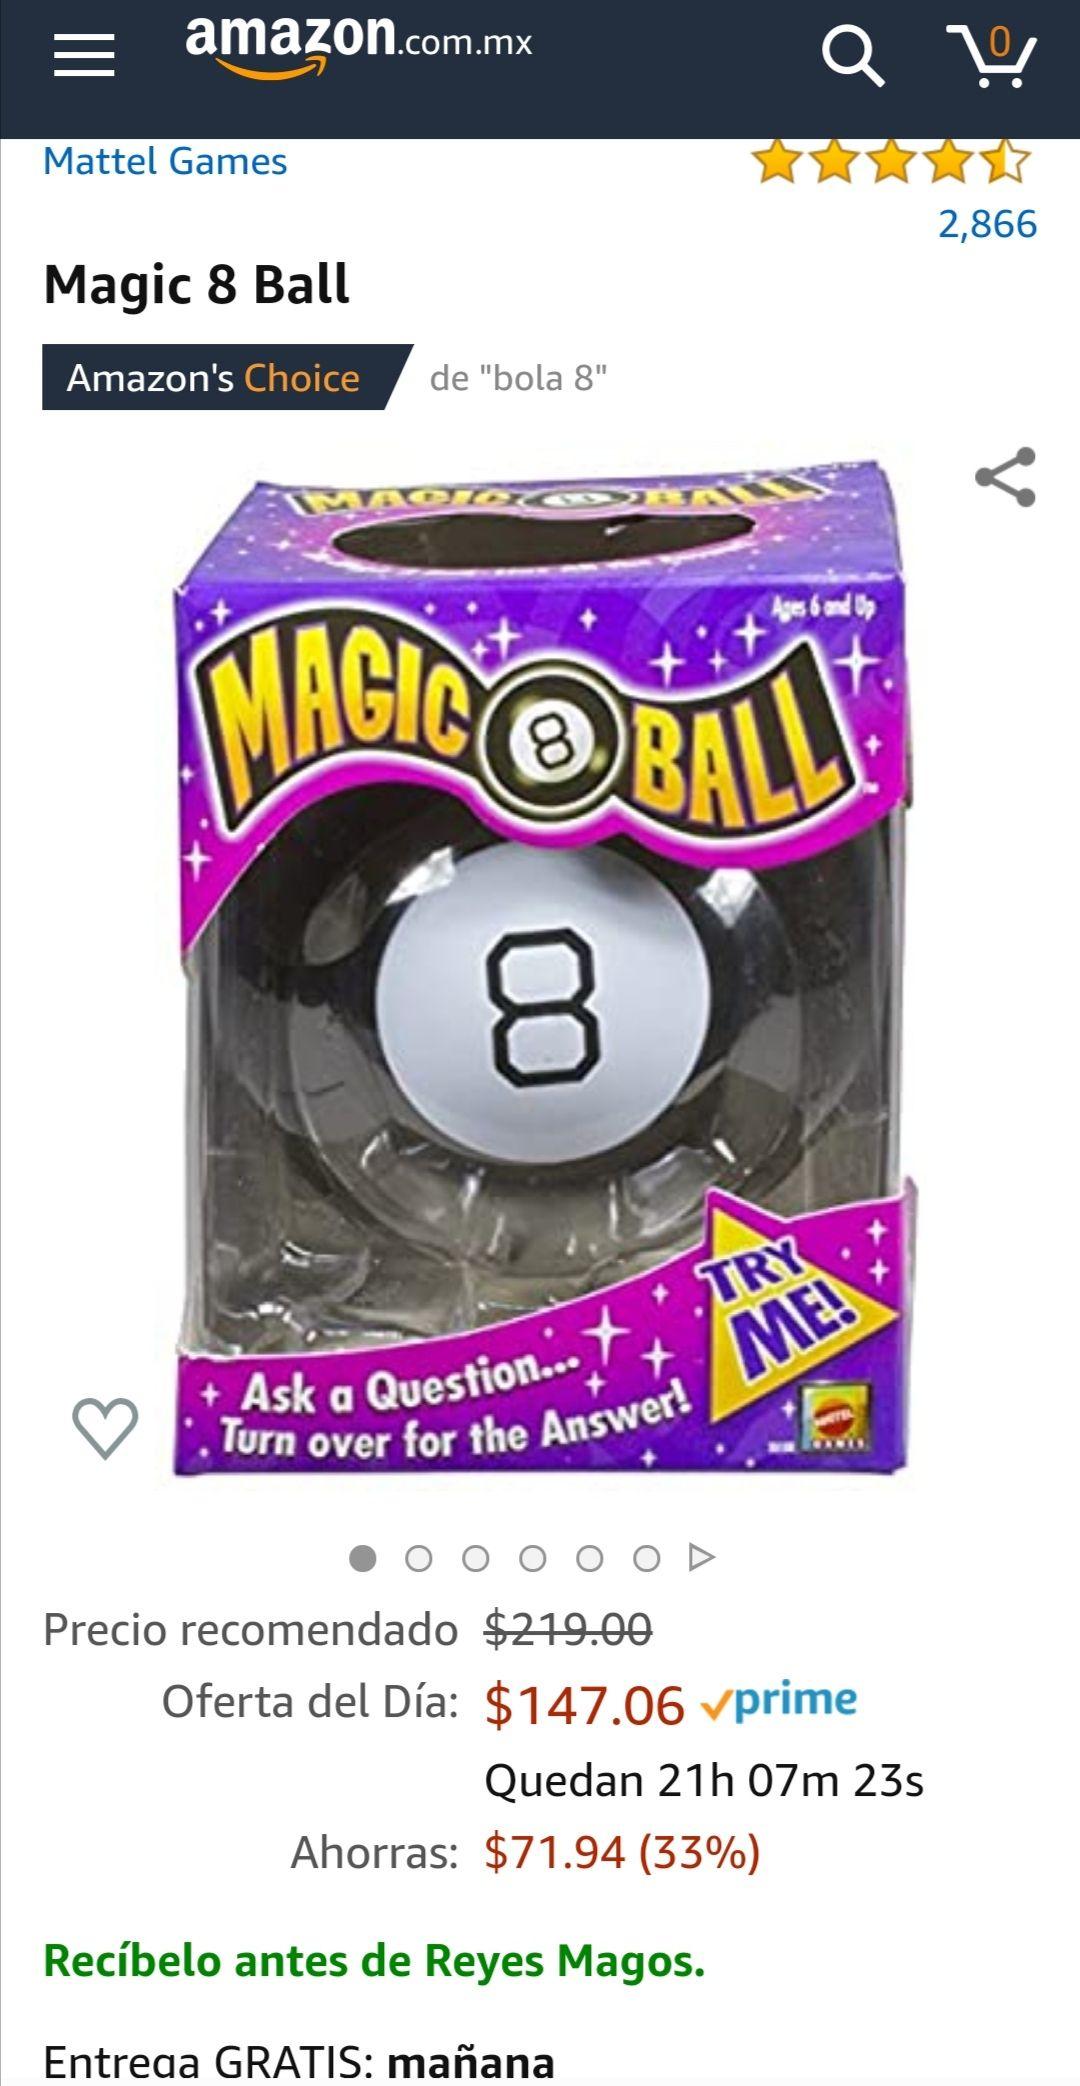 Amazon: Magic 8 Ball (aplica Prime)